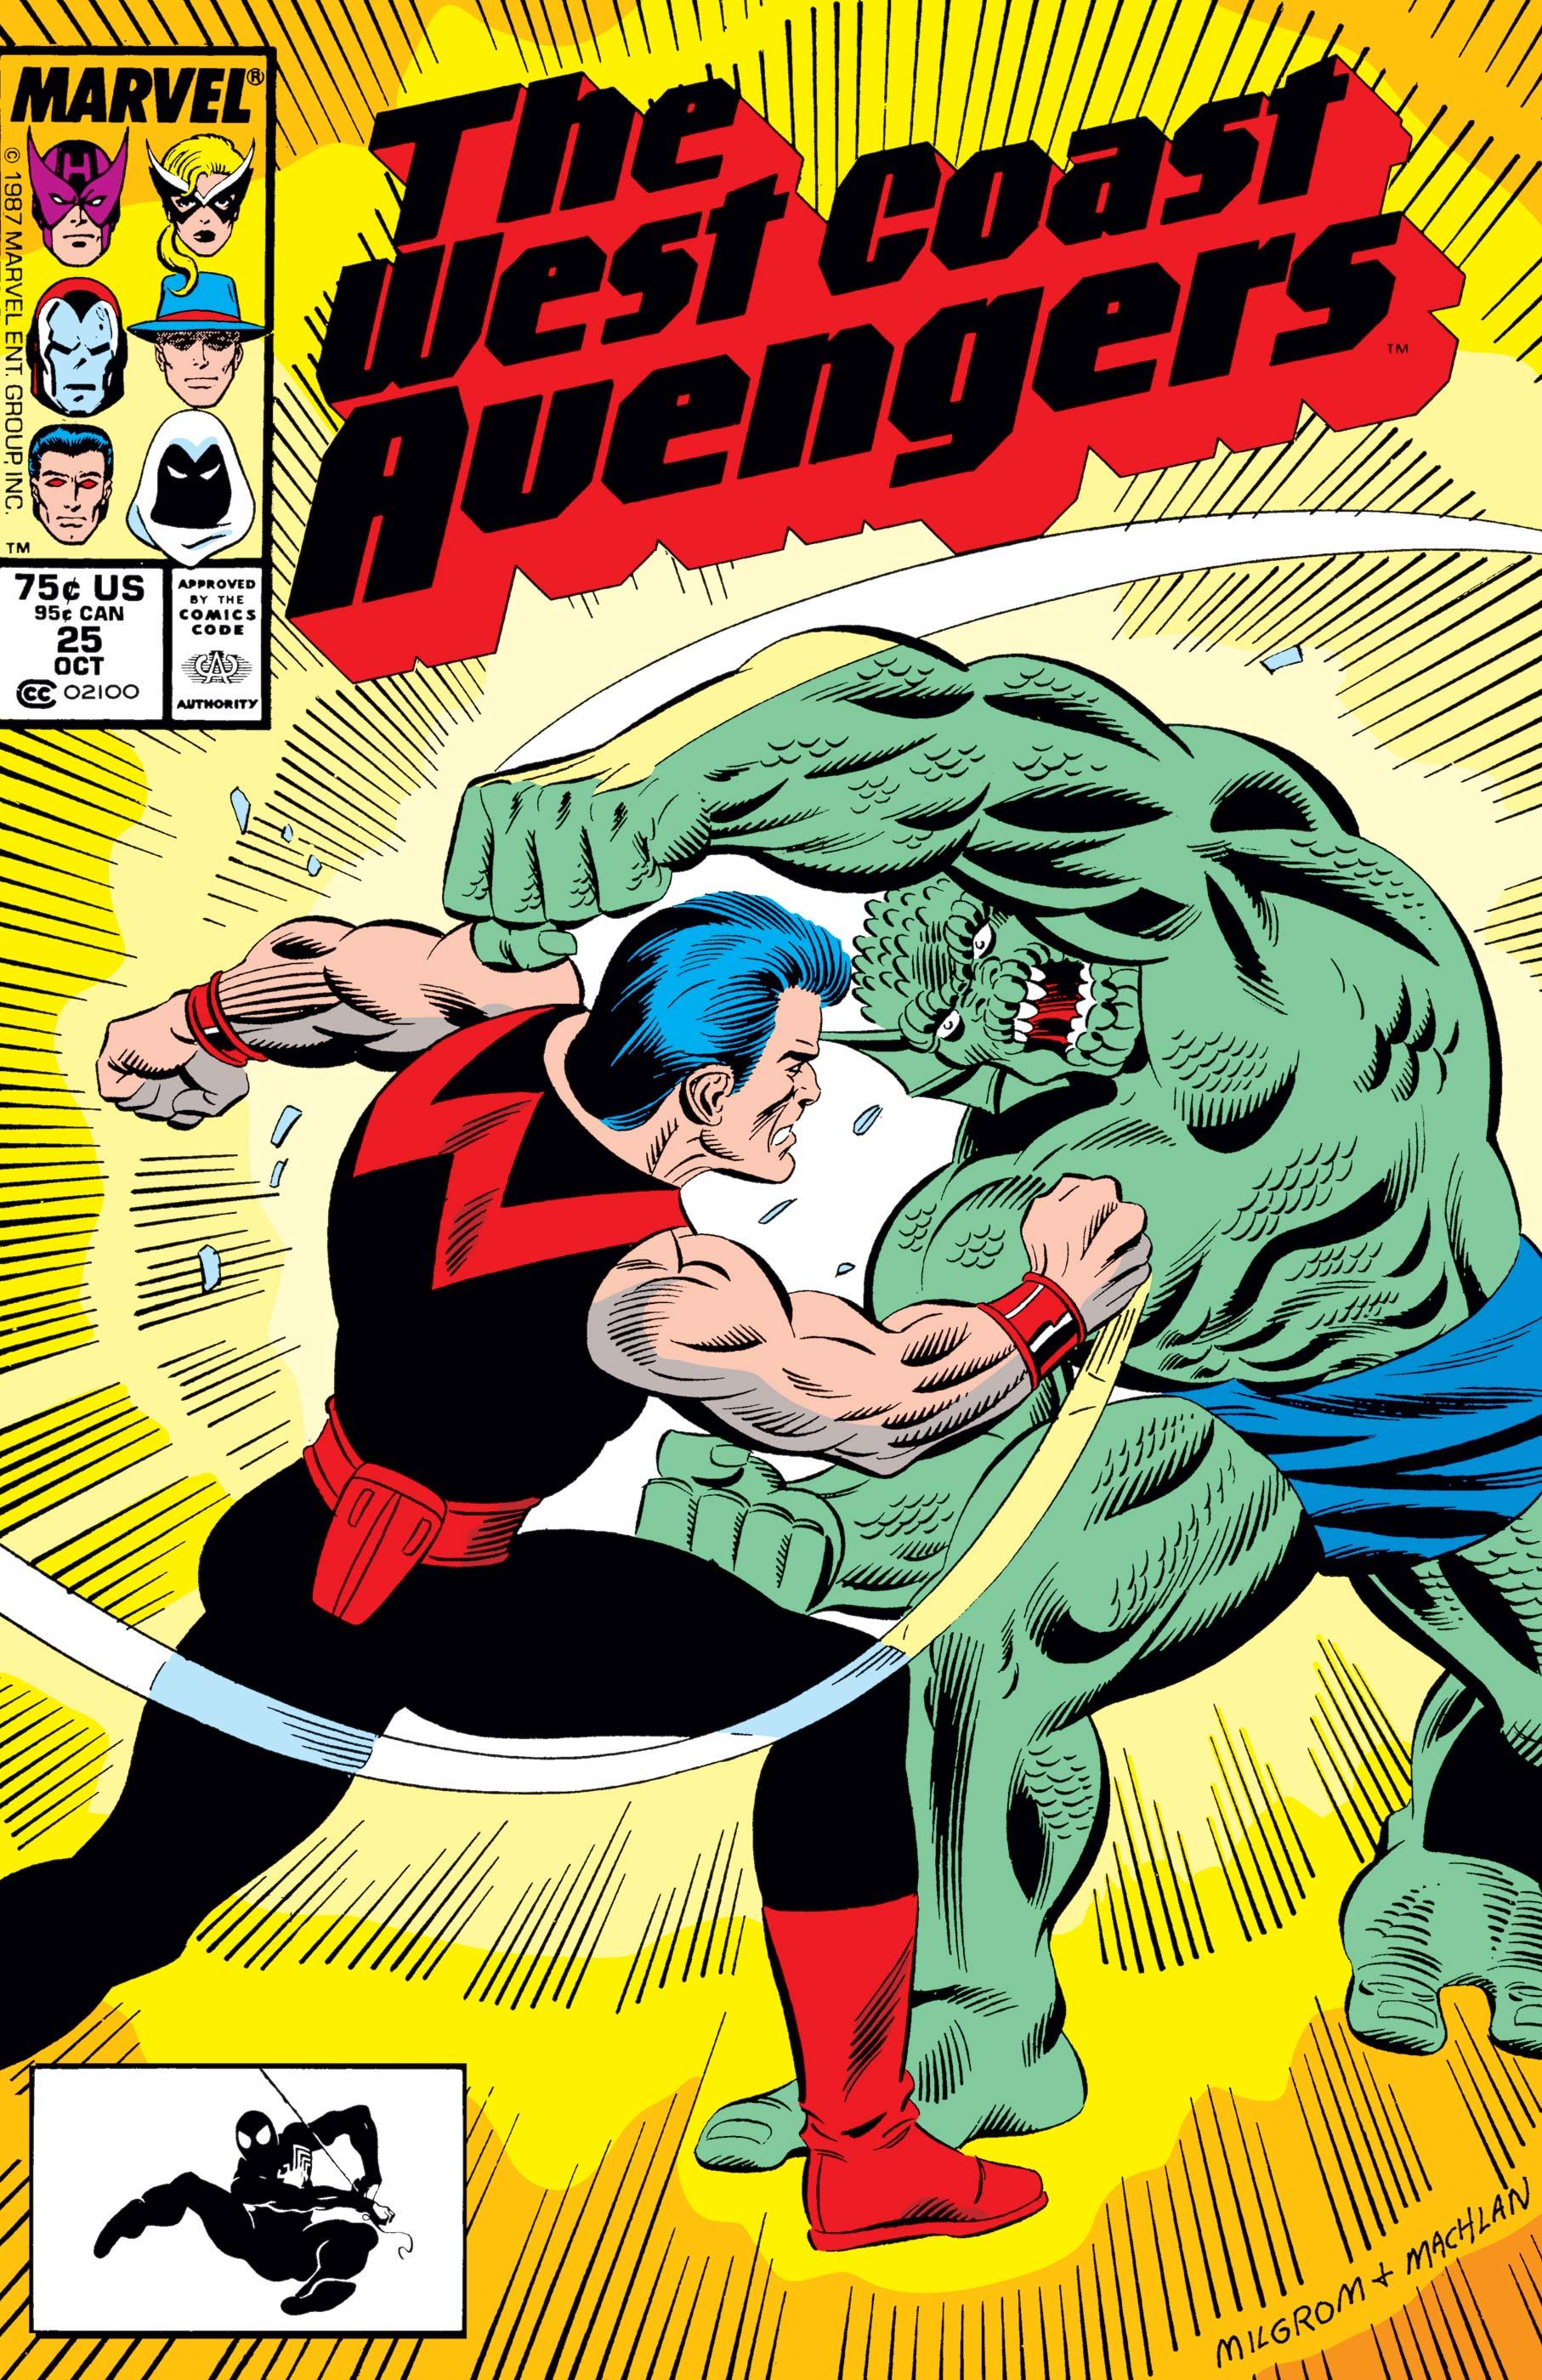 West Coast Avengers (1985) #25